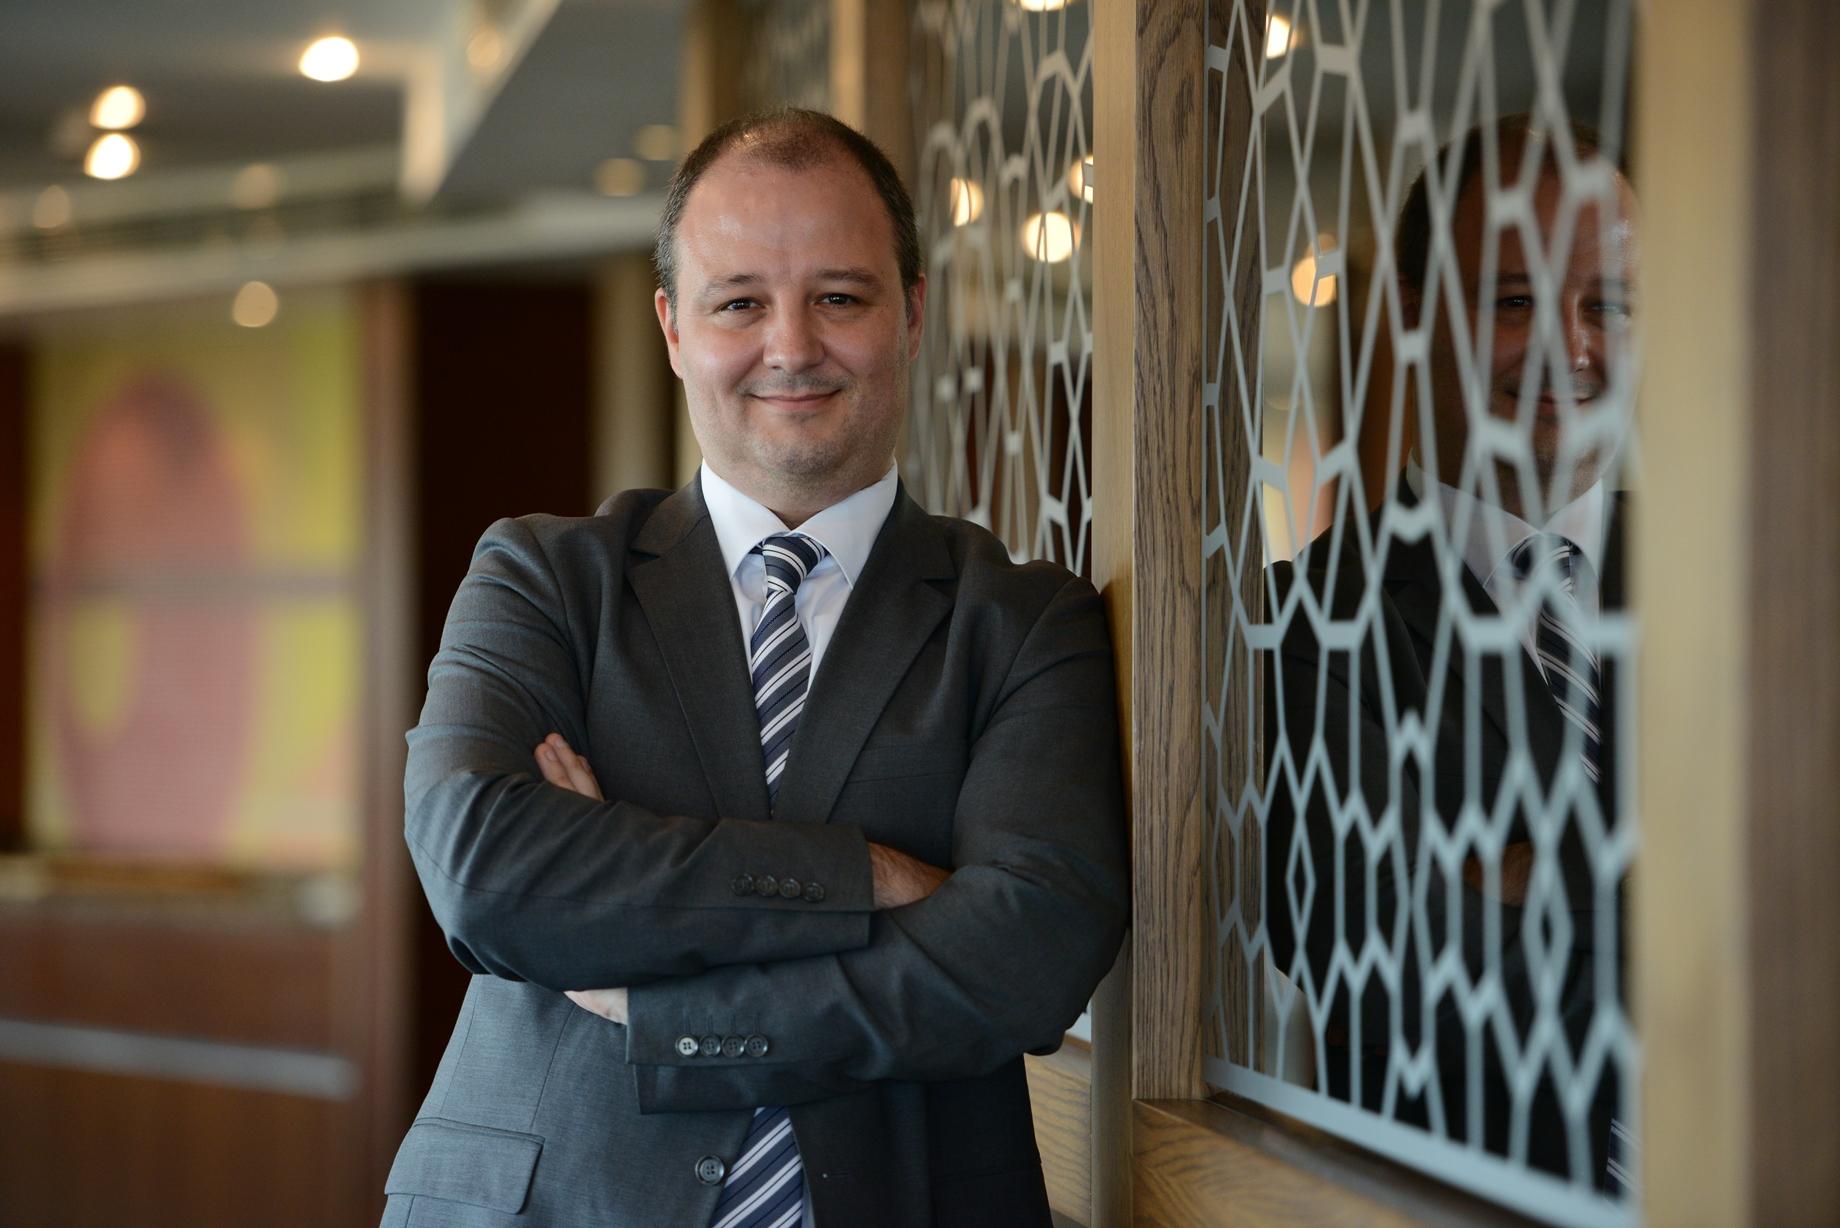 Hilton İstanbul Bosphorus'a yeni otel müdürü